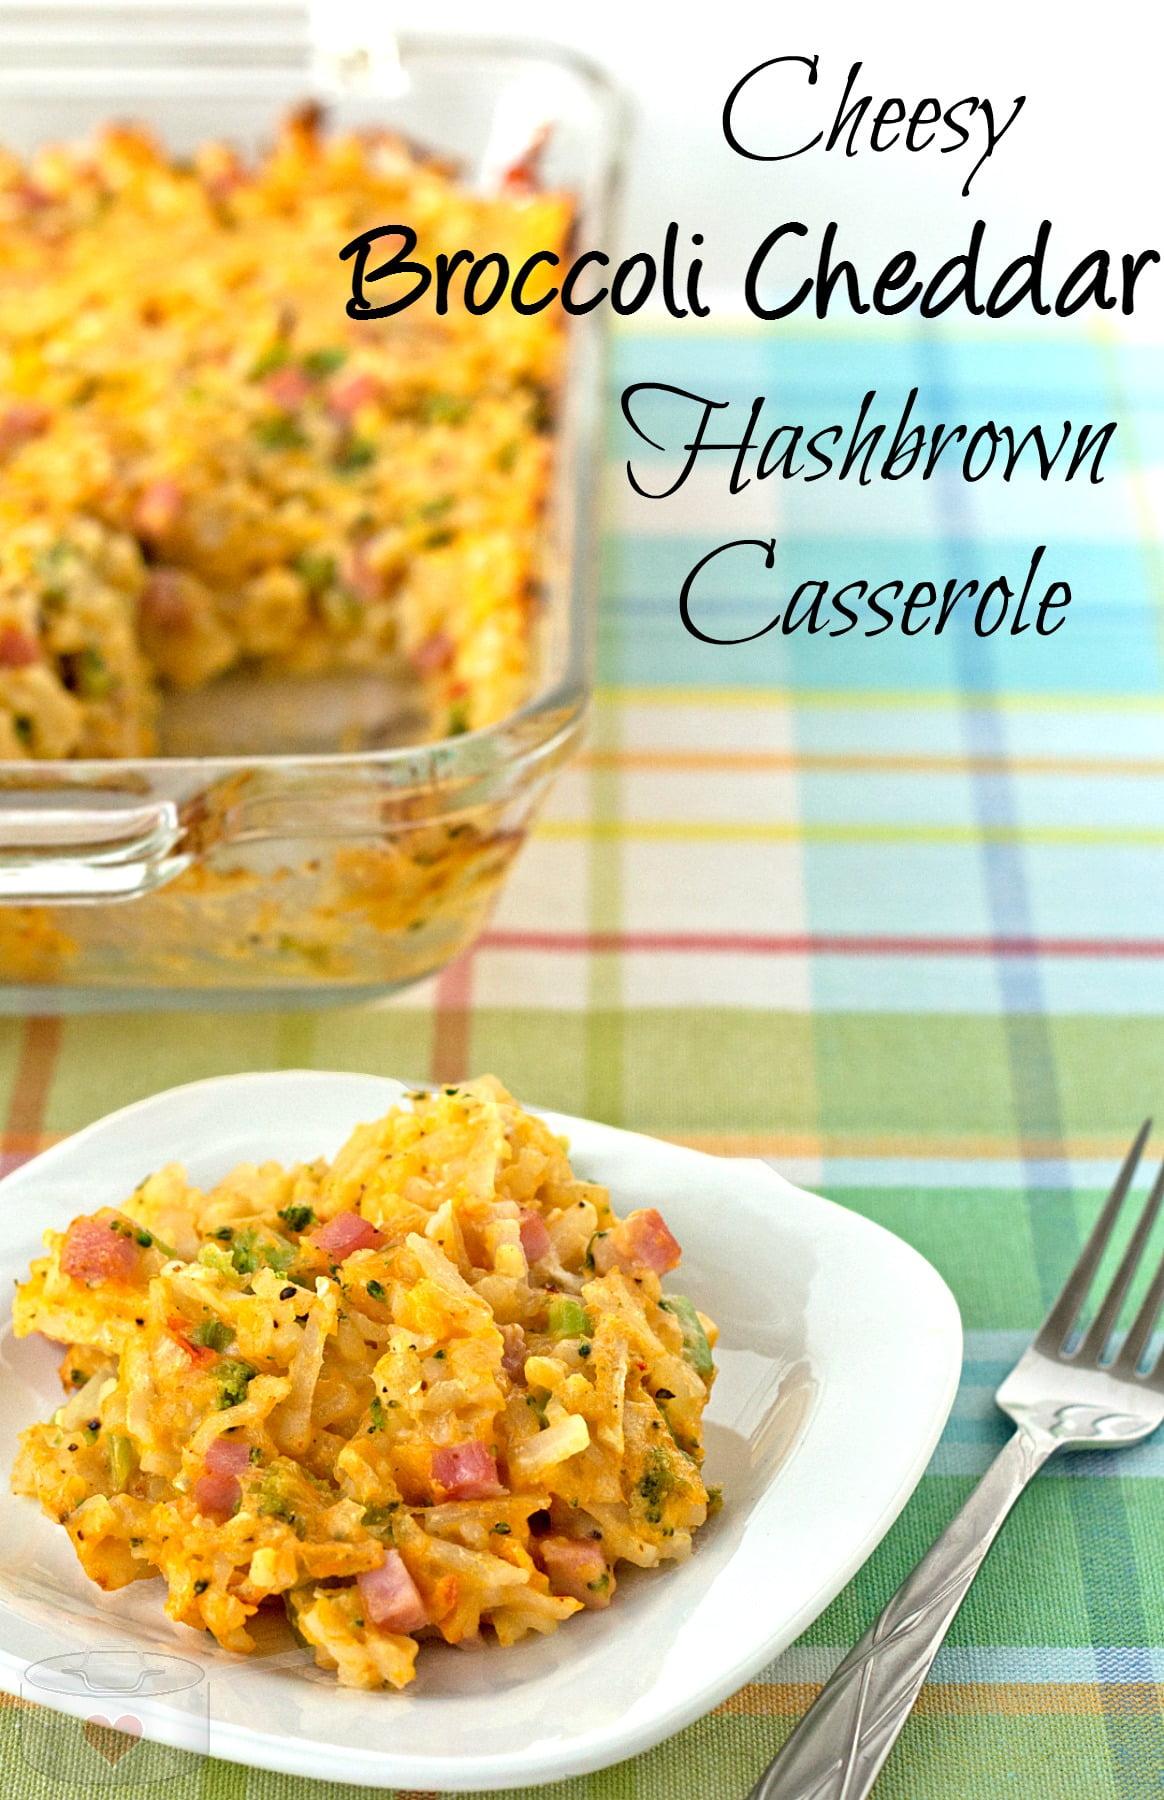 Broccoli Cheddar Hashbrown Casserole with Ham Recipe ~ ItsYummi.com